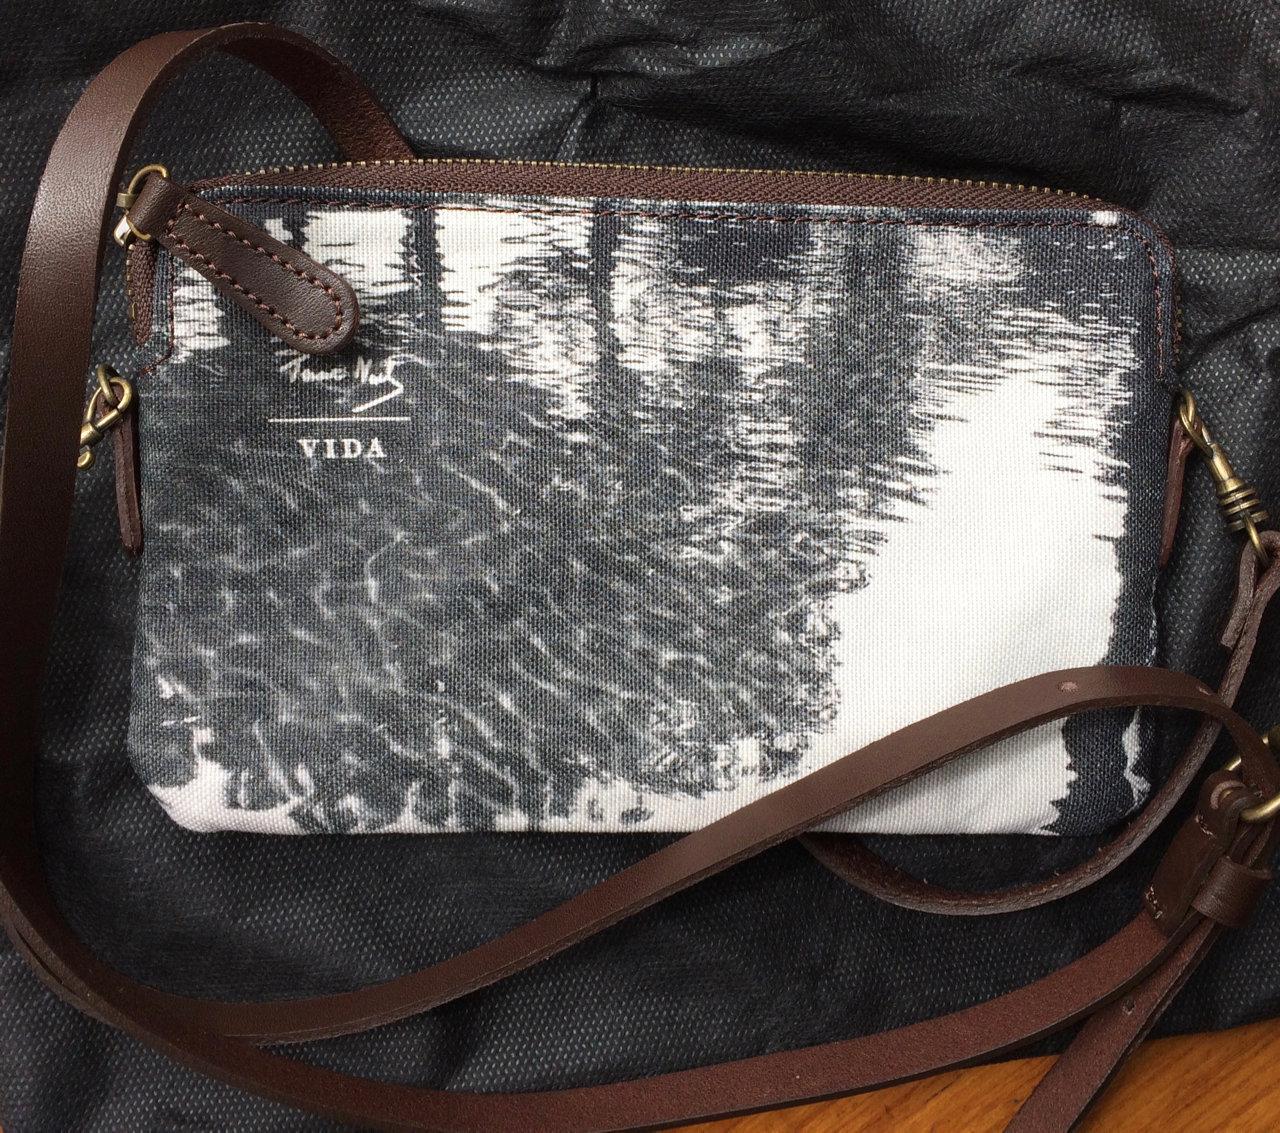 Charcoal - designer clutch bag